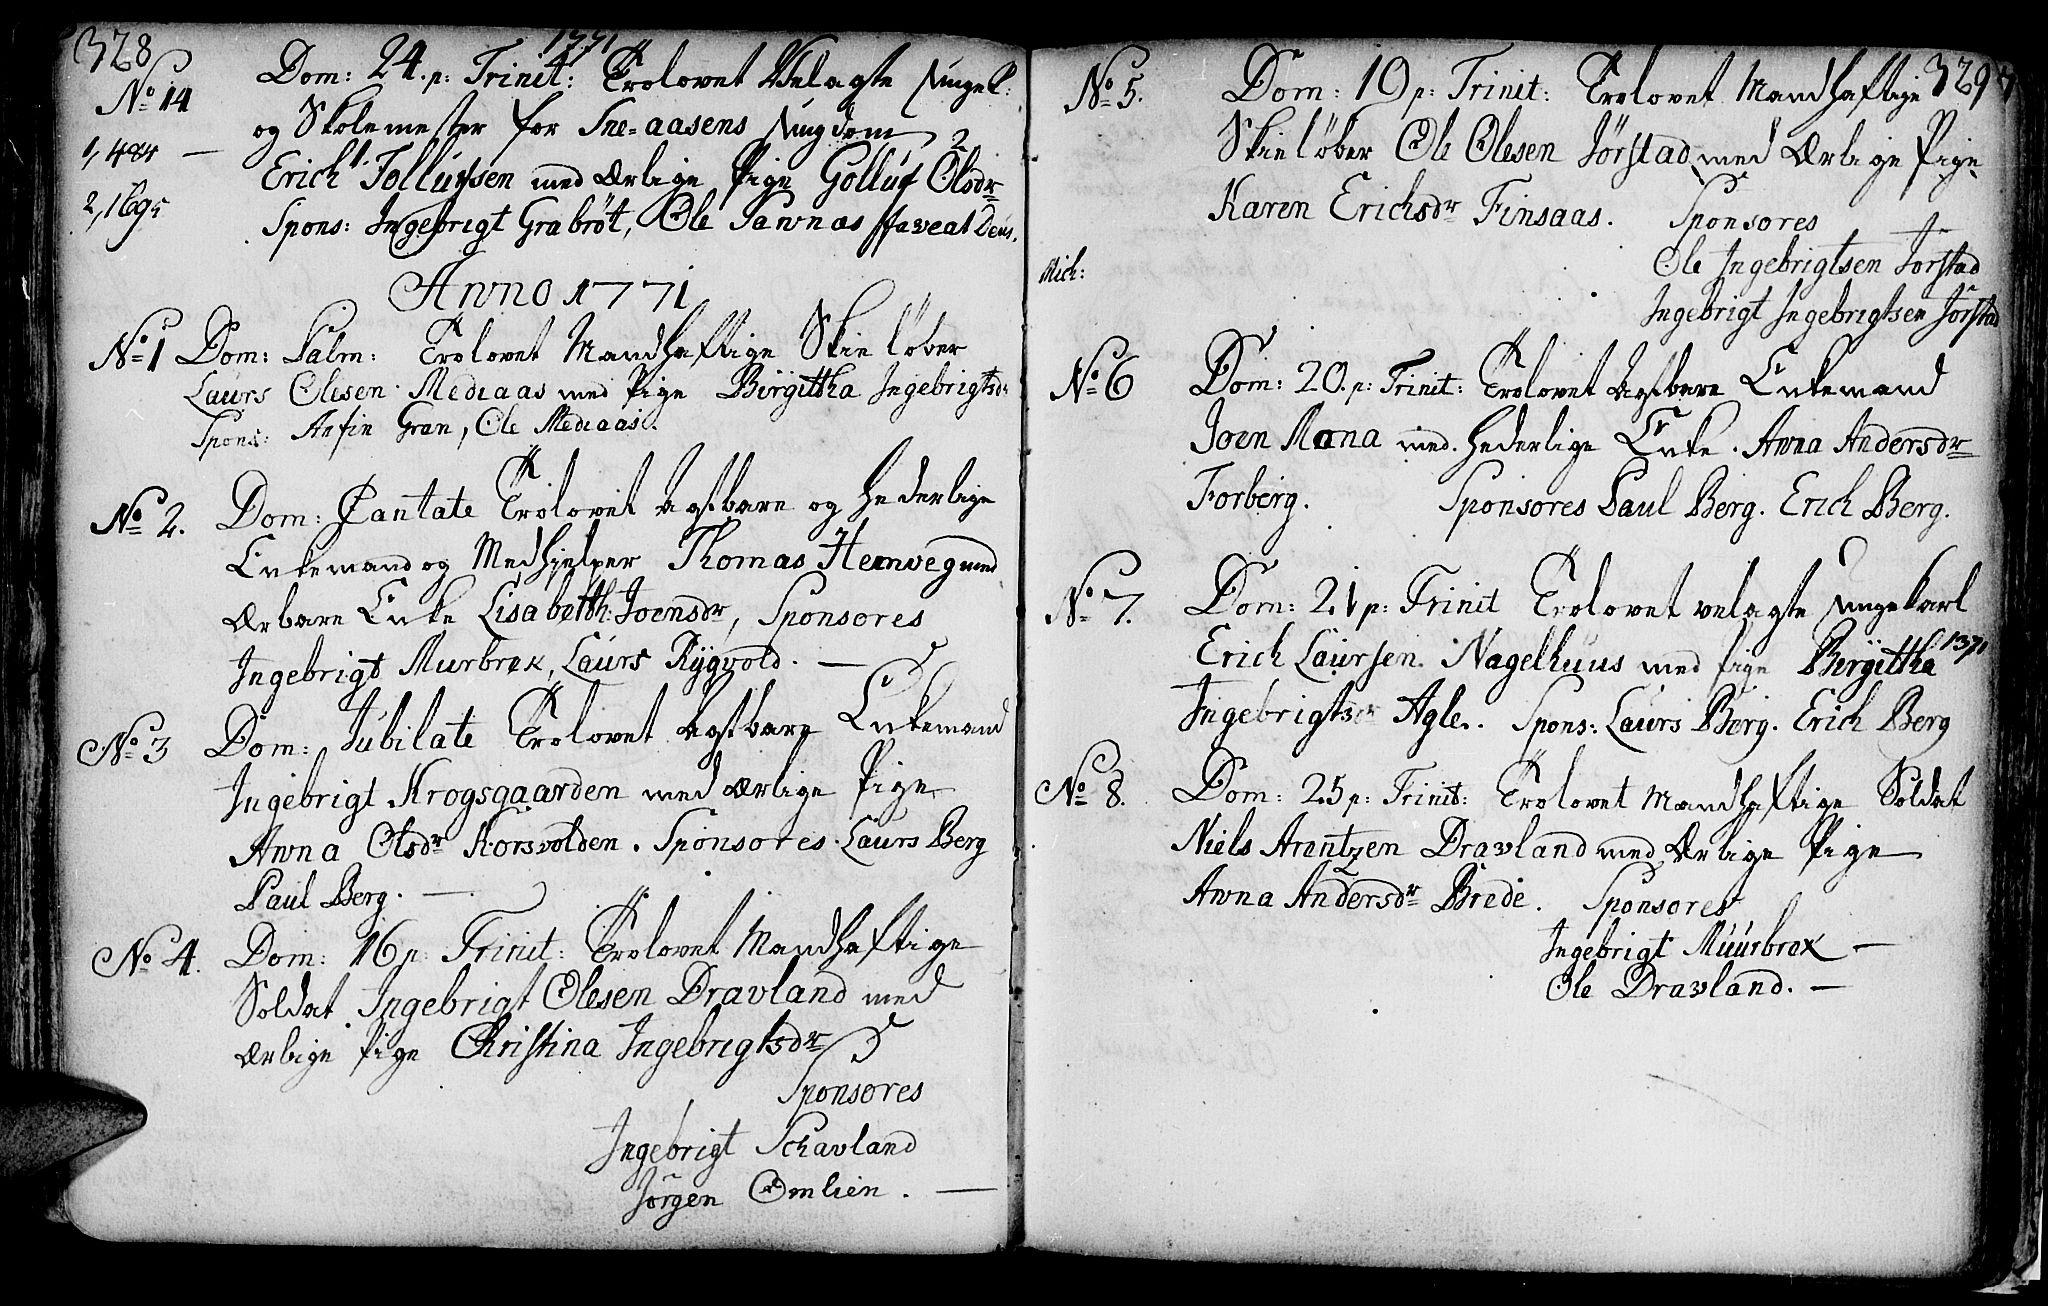 SAT, Ministerialprotokoller, klokkerbøker og fødselsregistre - Nord-Trøndelag, 749/L0467: Ministerialbok nr. 749A01, 1733-1787, s. 328-329